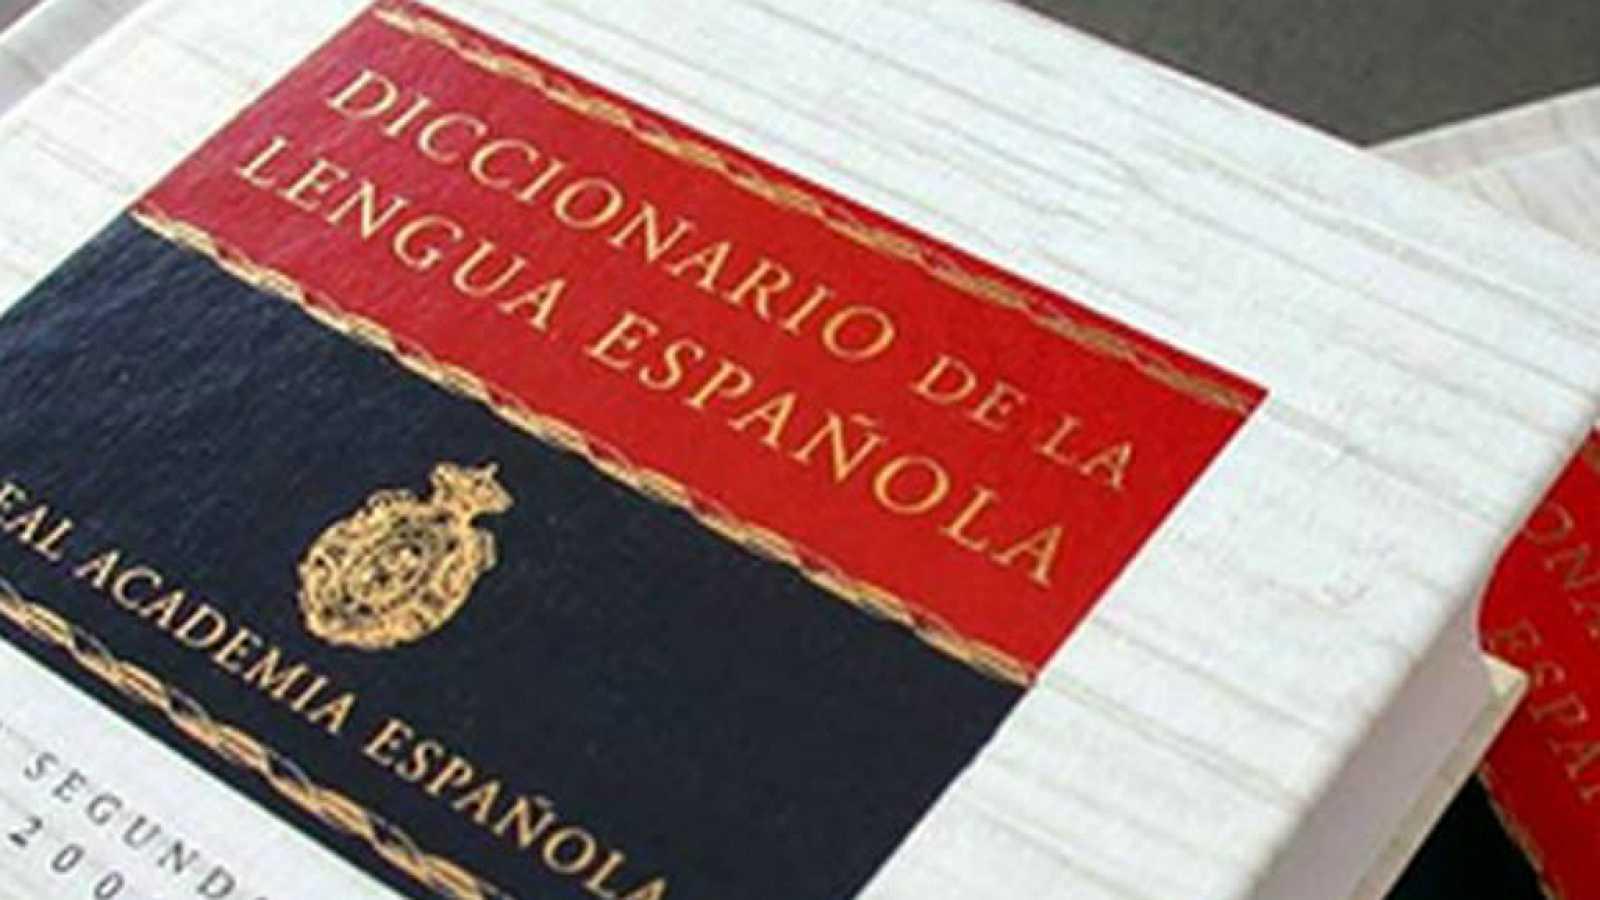 El español urgente con Fundéu - Contrarrestar - 23/04/19 - Escuchar ahora